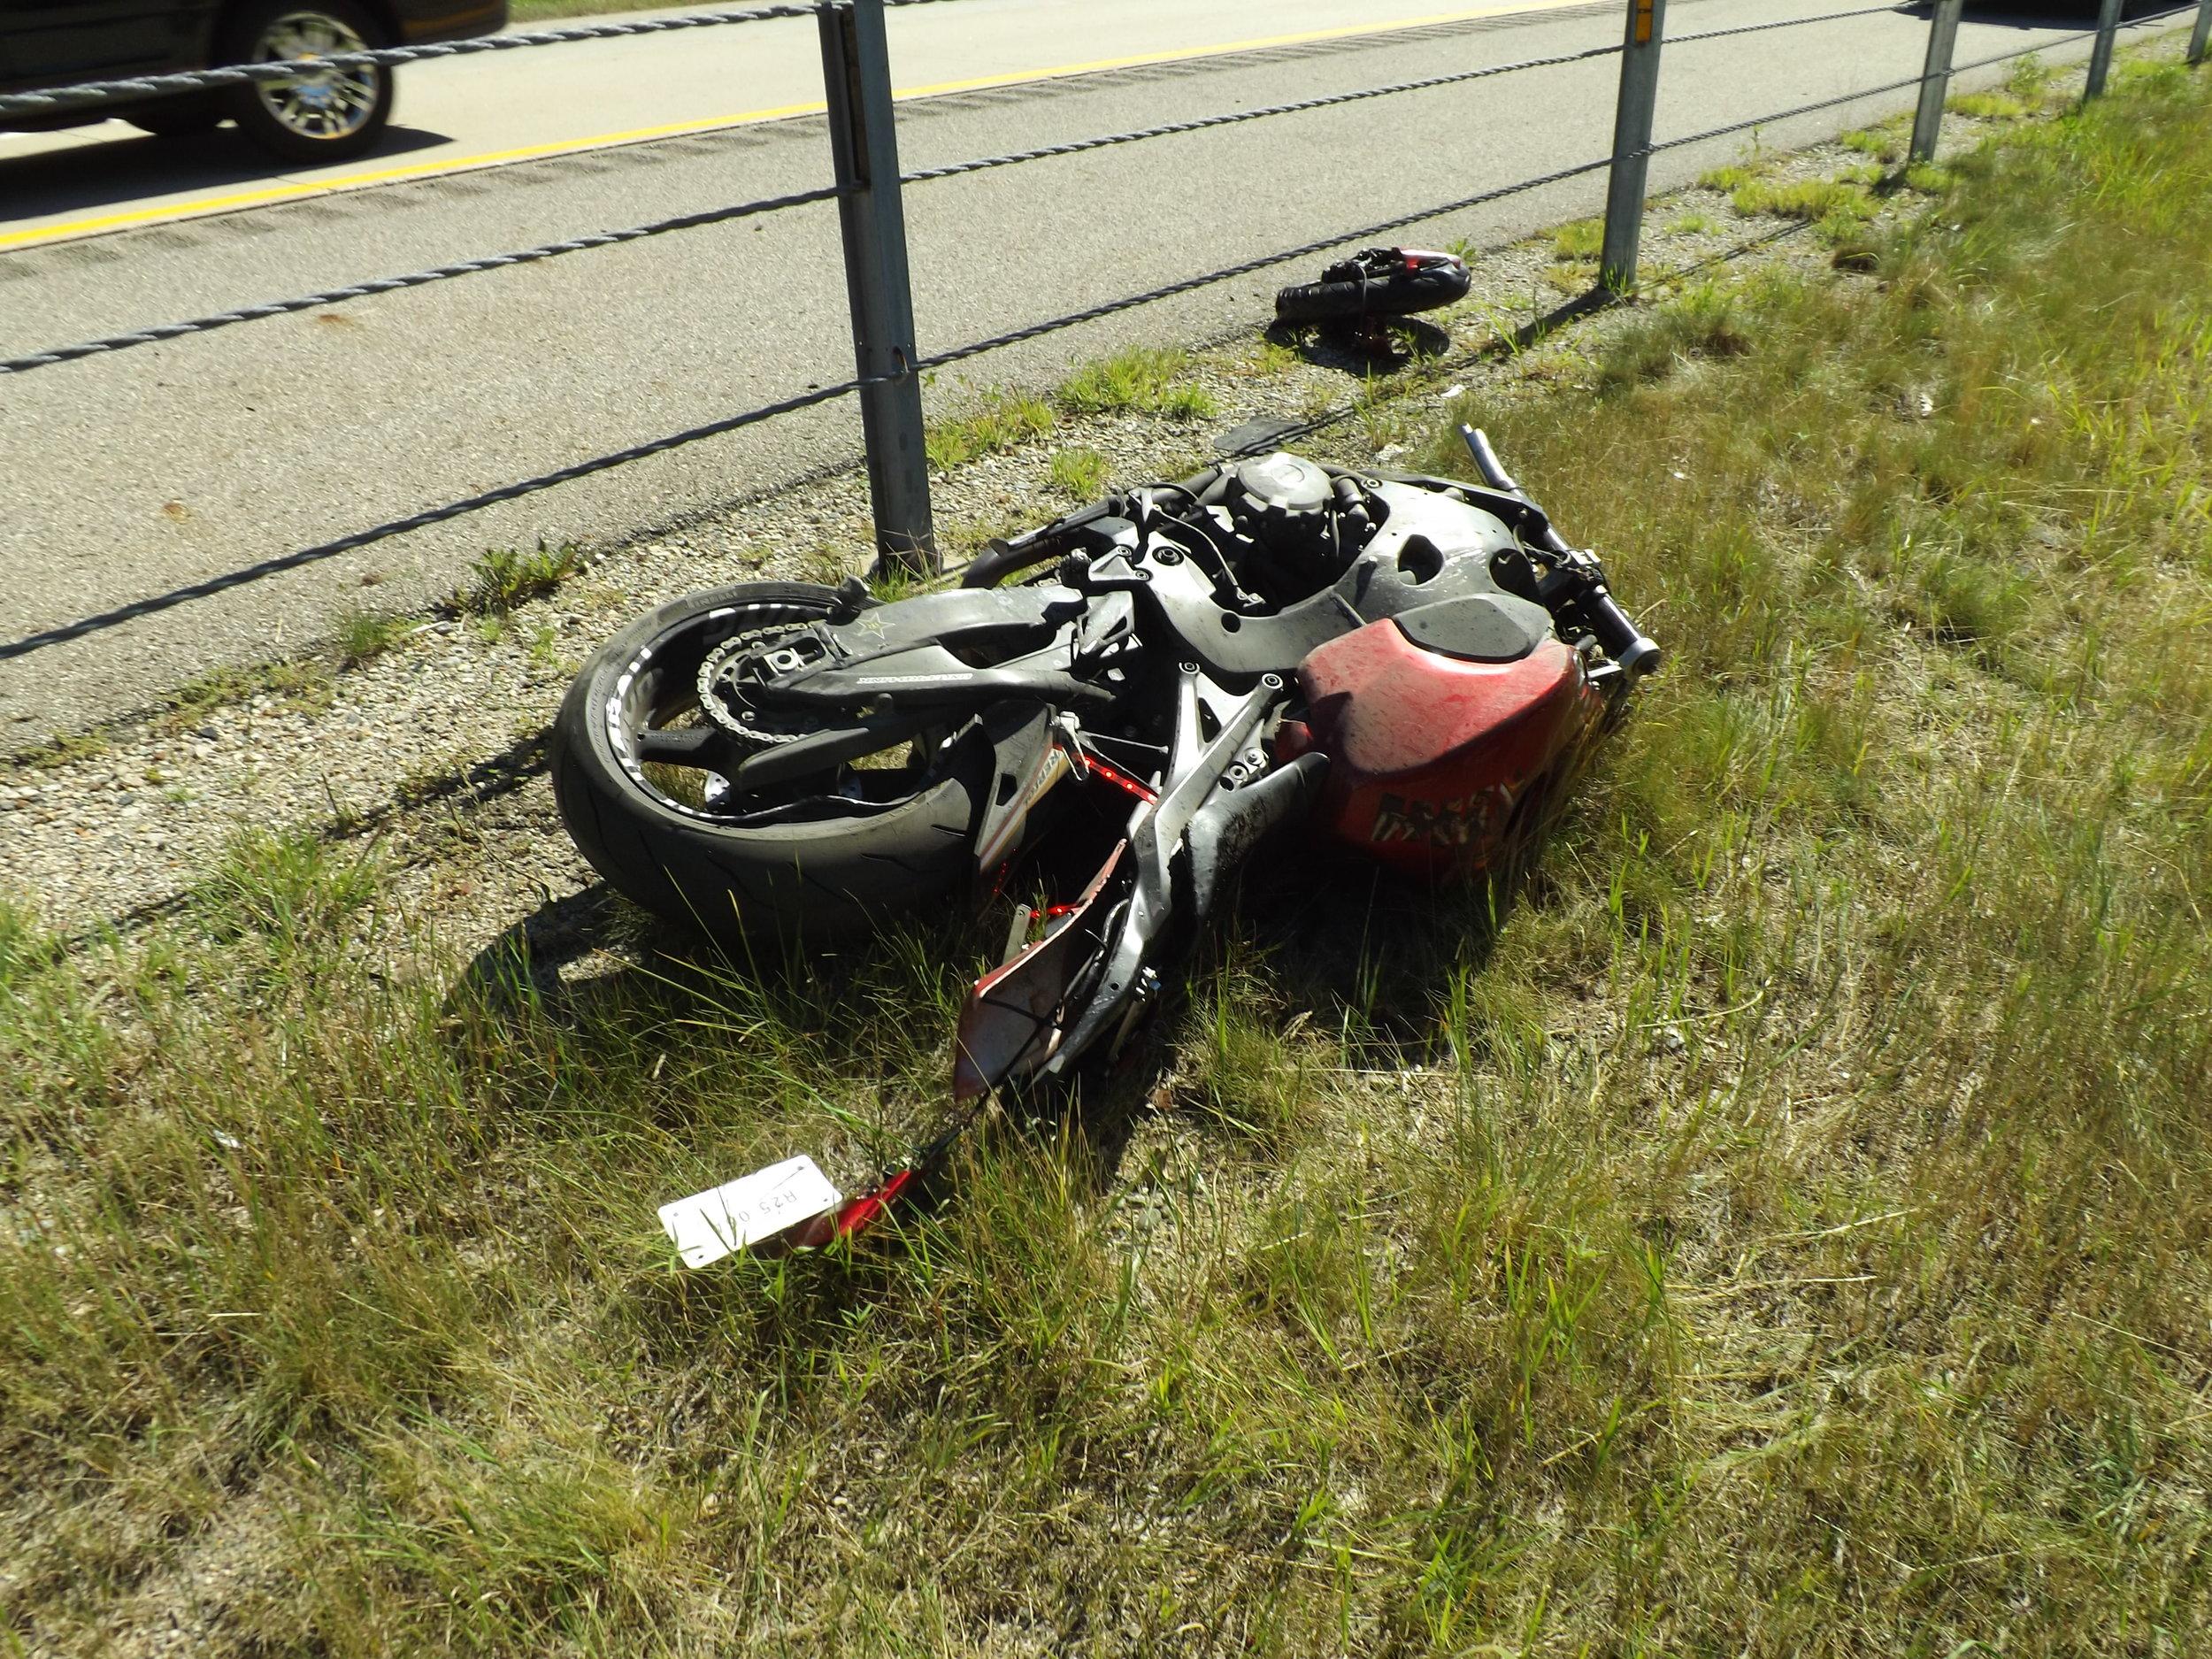 4451-18 motorcycle.JPG